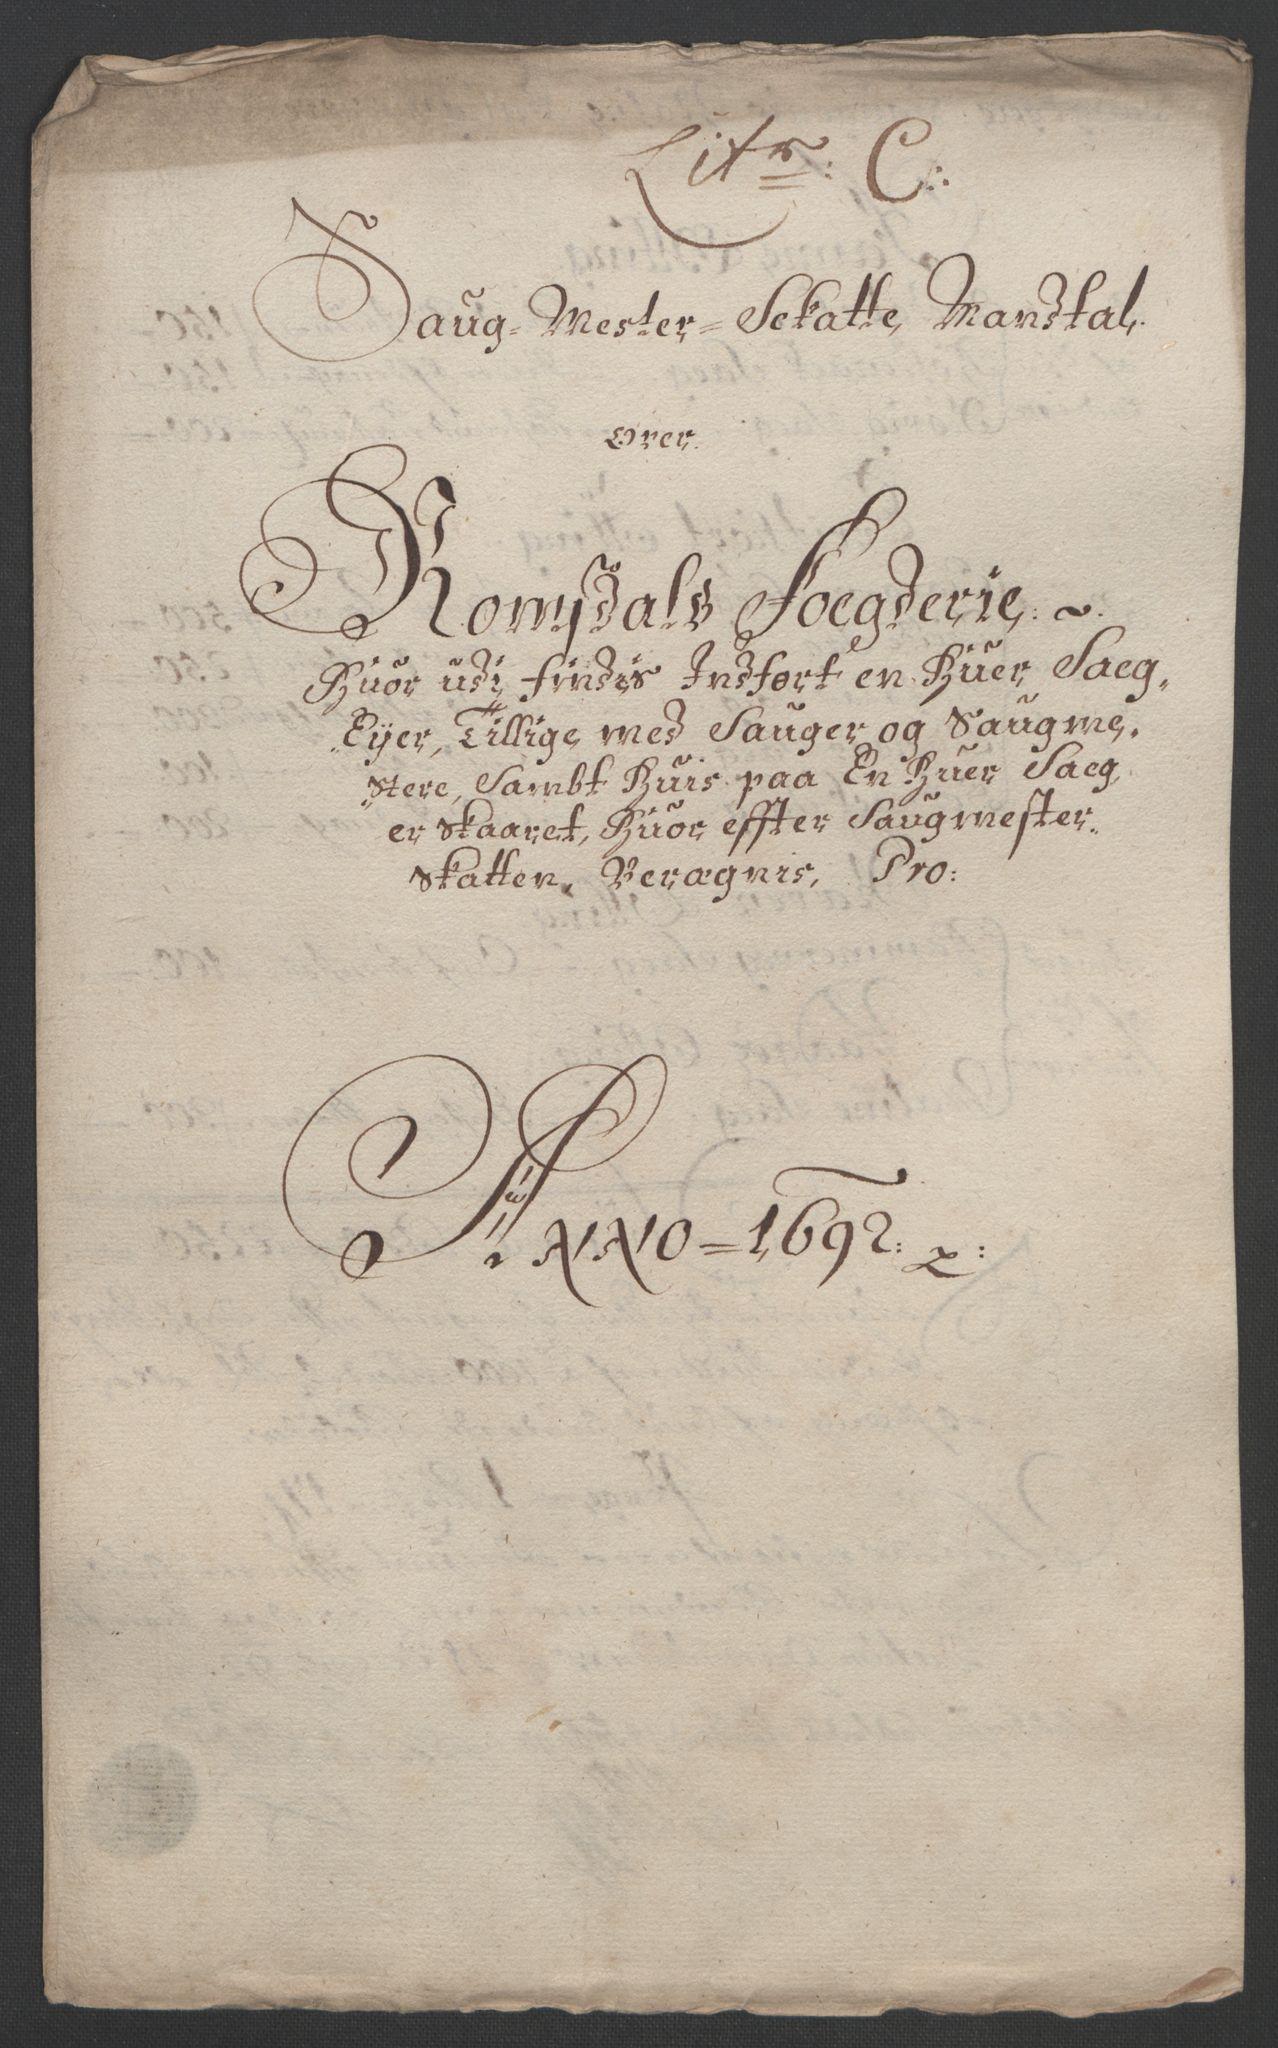 RA, Rentekammeret inntil 1814, Reviderte regnskaper, Fogderegnskap, R55/L3650: Fogderegnskap Romsdal, 1692, s. 74